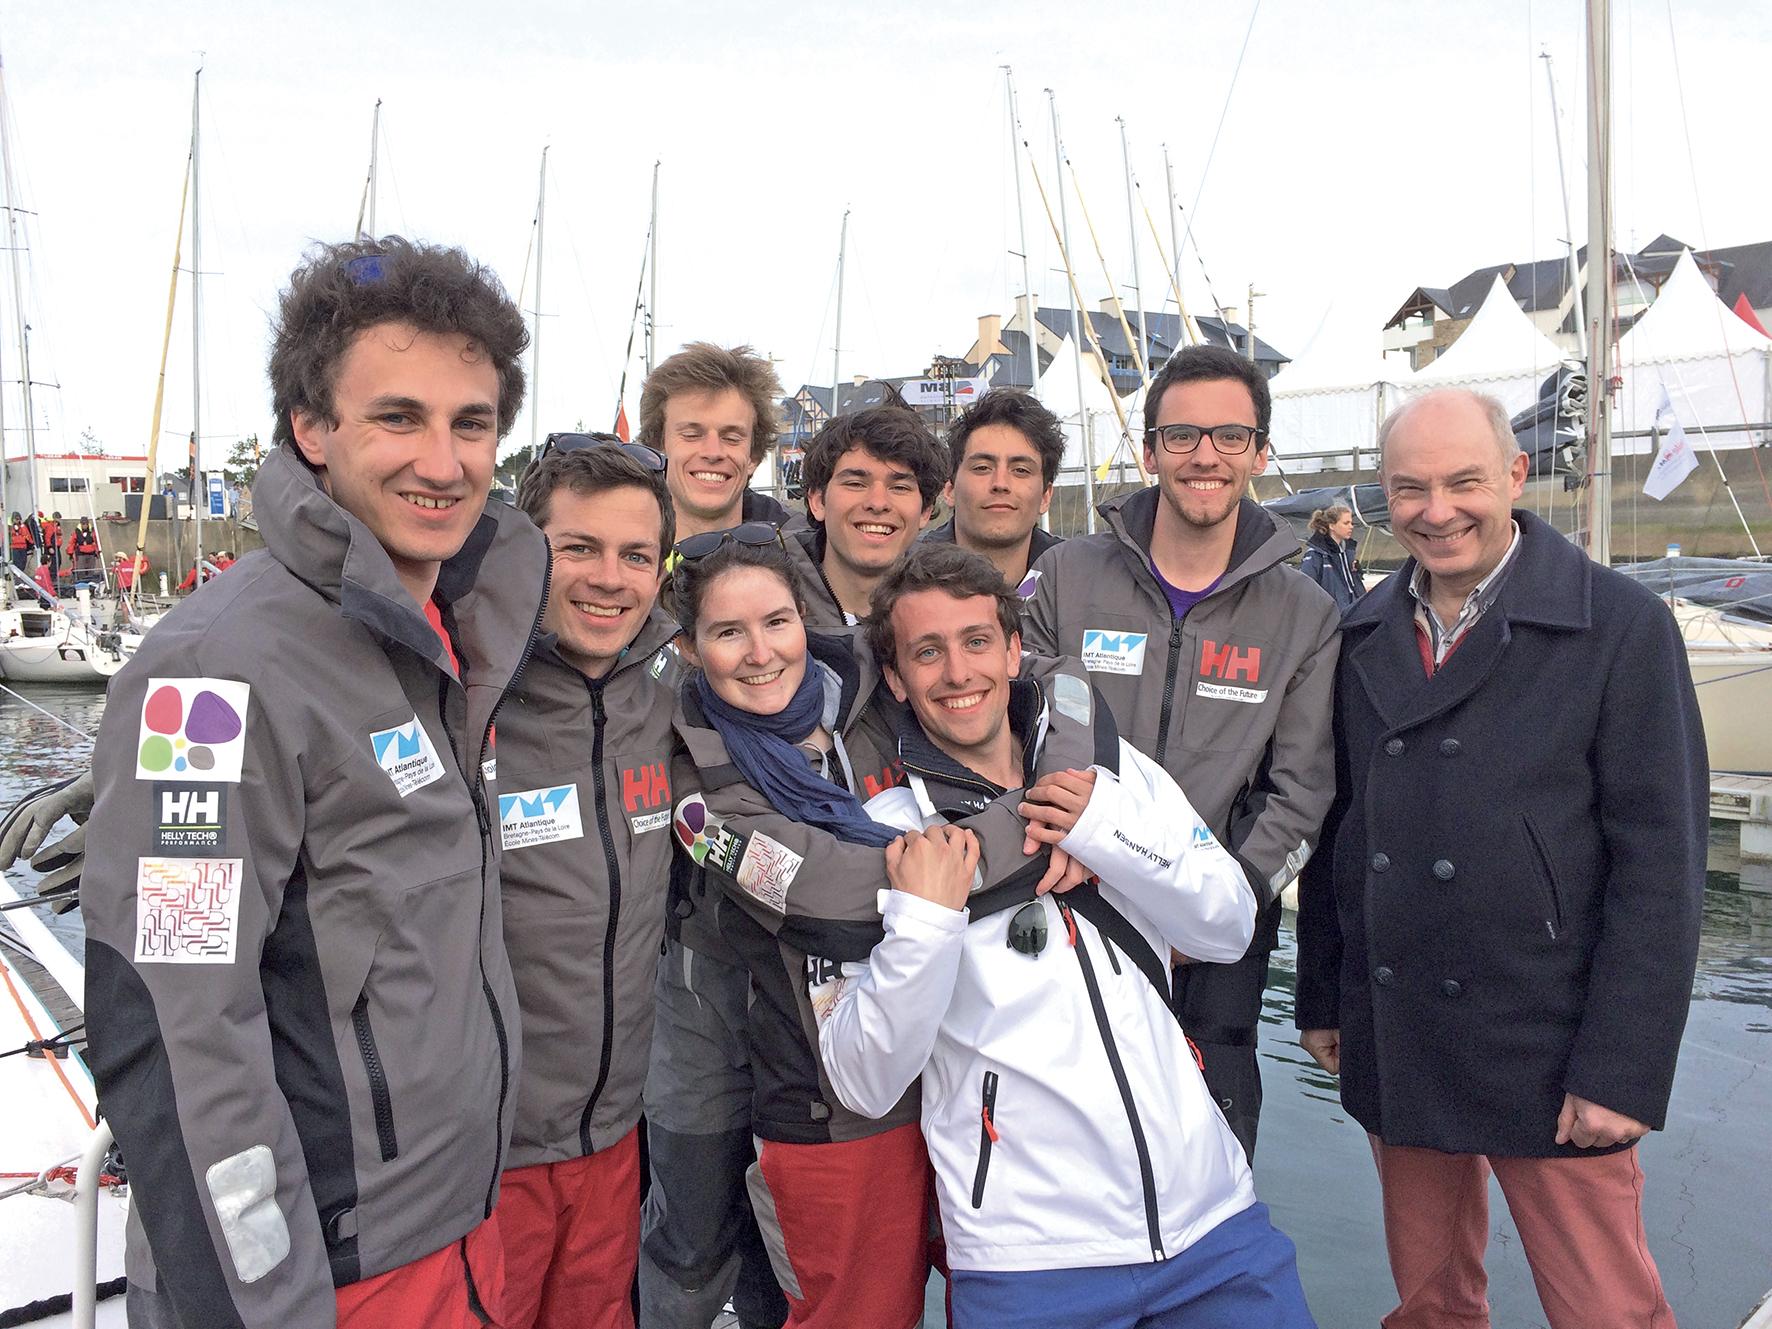 Paul Friedel, DG d'IMT Atlantique avec ses étudiants ©IMT Atlantique